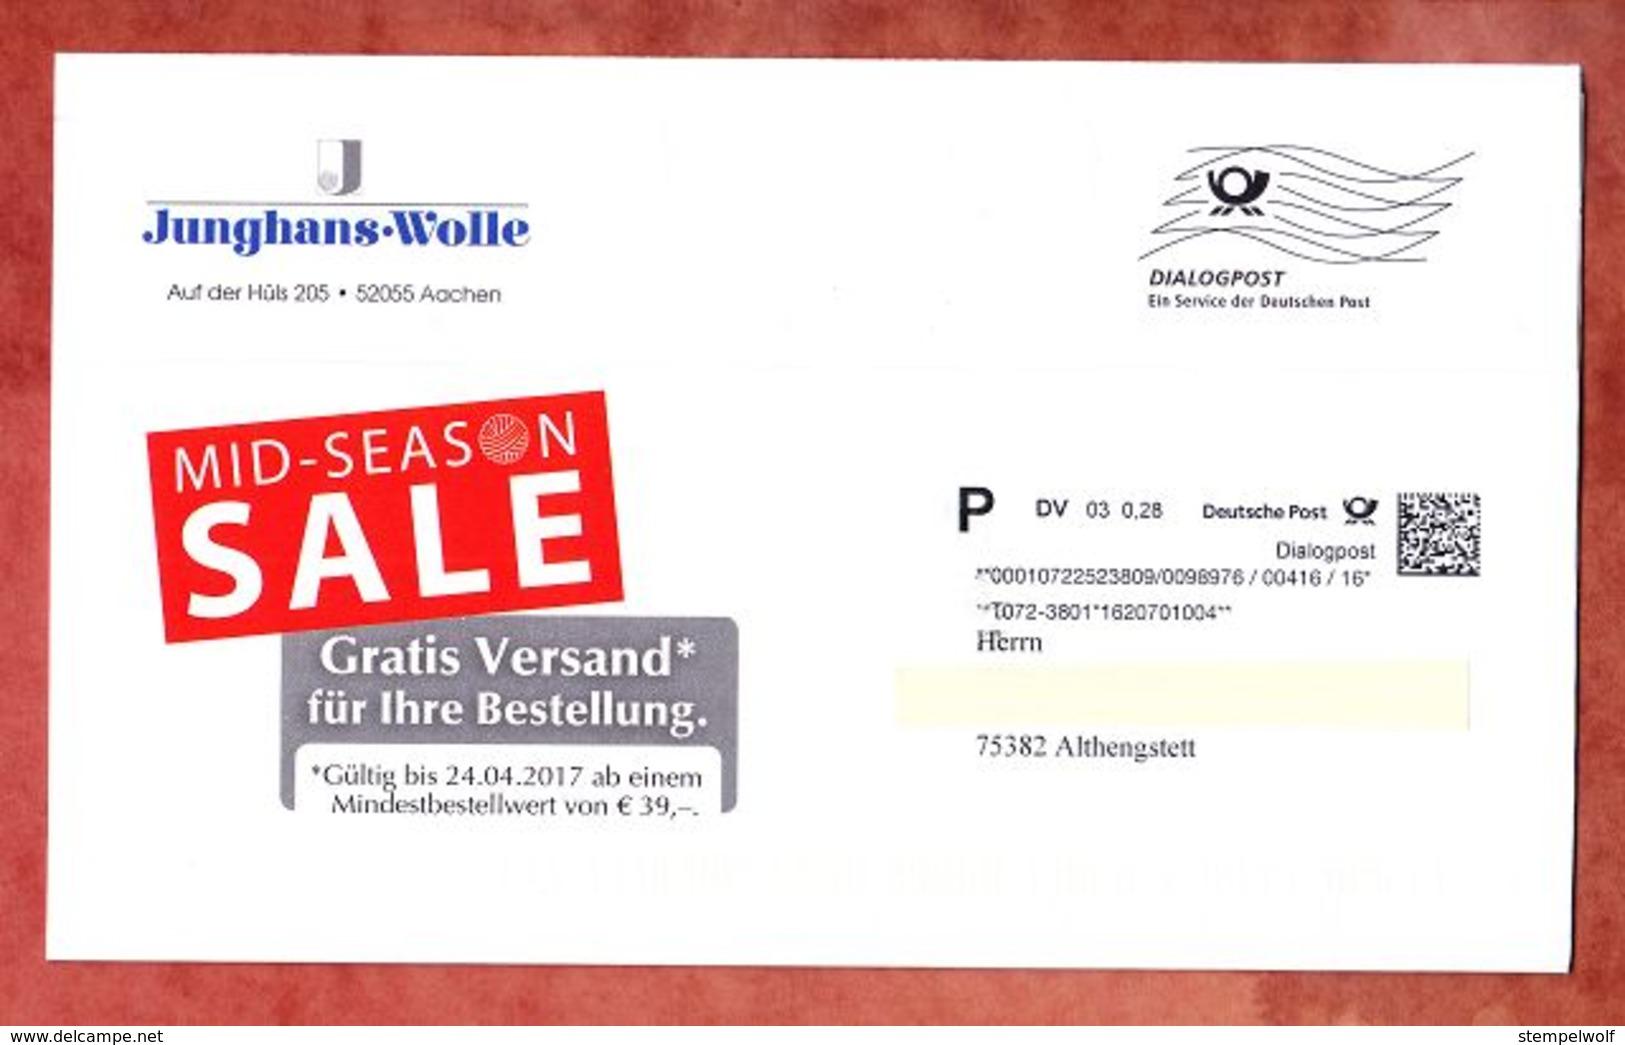 Dialogpost, Komplettes Faltblatt, Junghans-Wolle Aachen, DV 03, 28 C, Frankierwelle, 2017 (52104) - Machine Stamps (ATM)